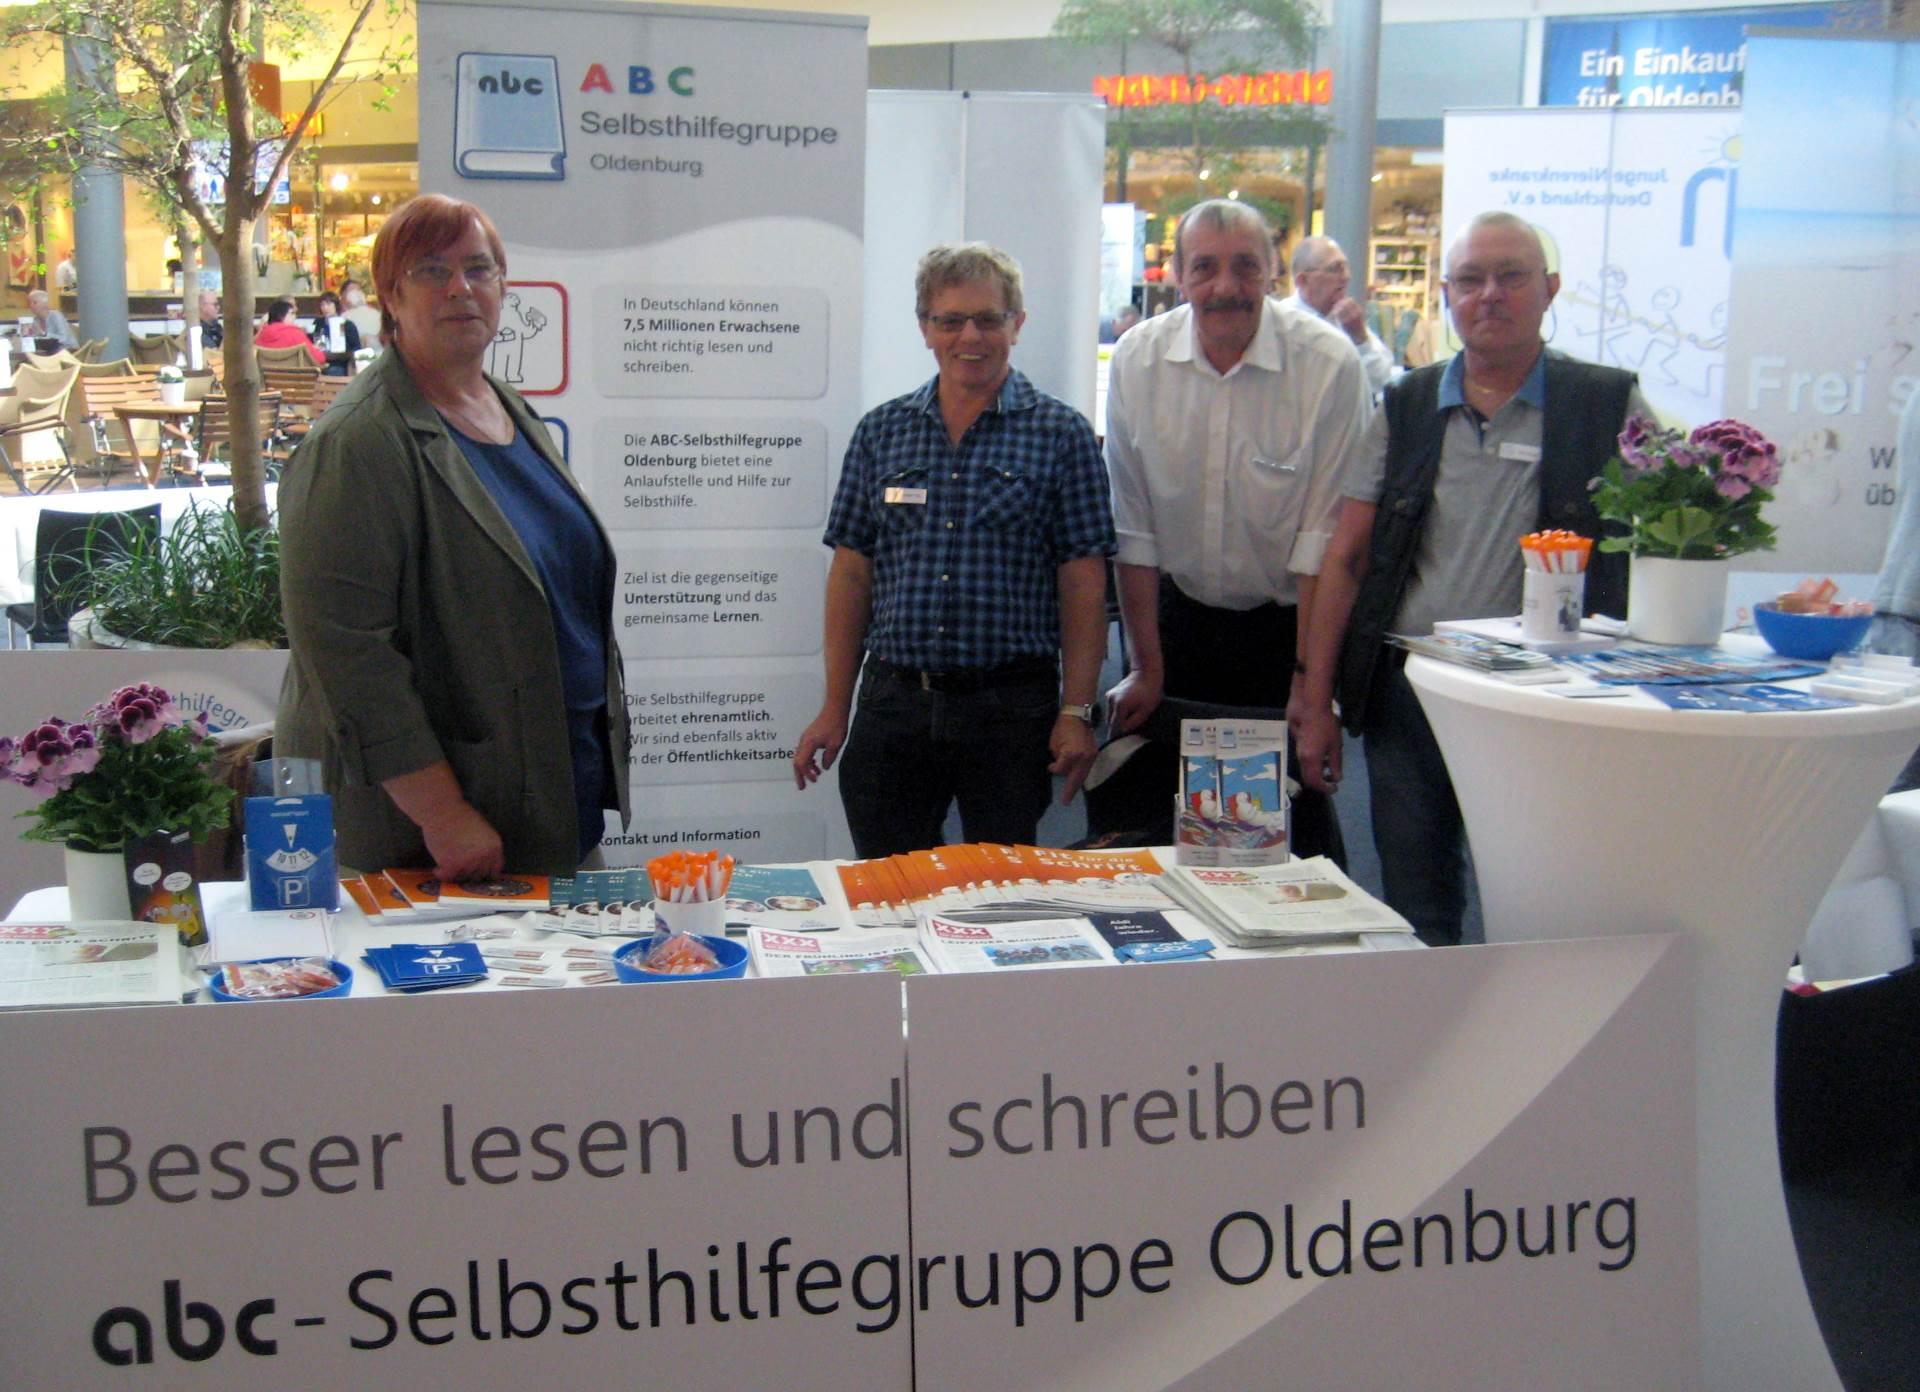 Mitglieder der ABC-Selbsthilfegruppe an ihrem Infostand | Foto: Achim Scholz